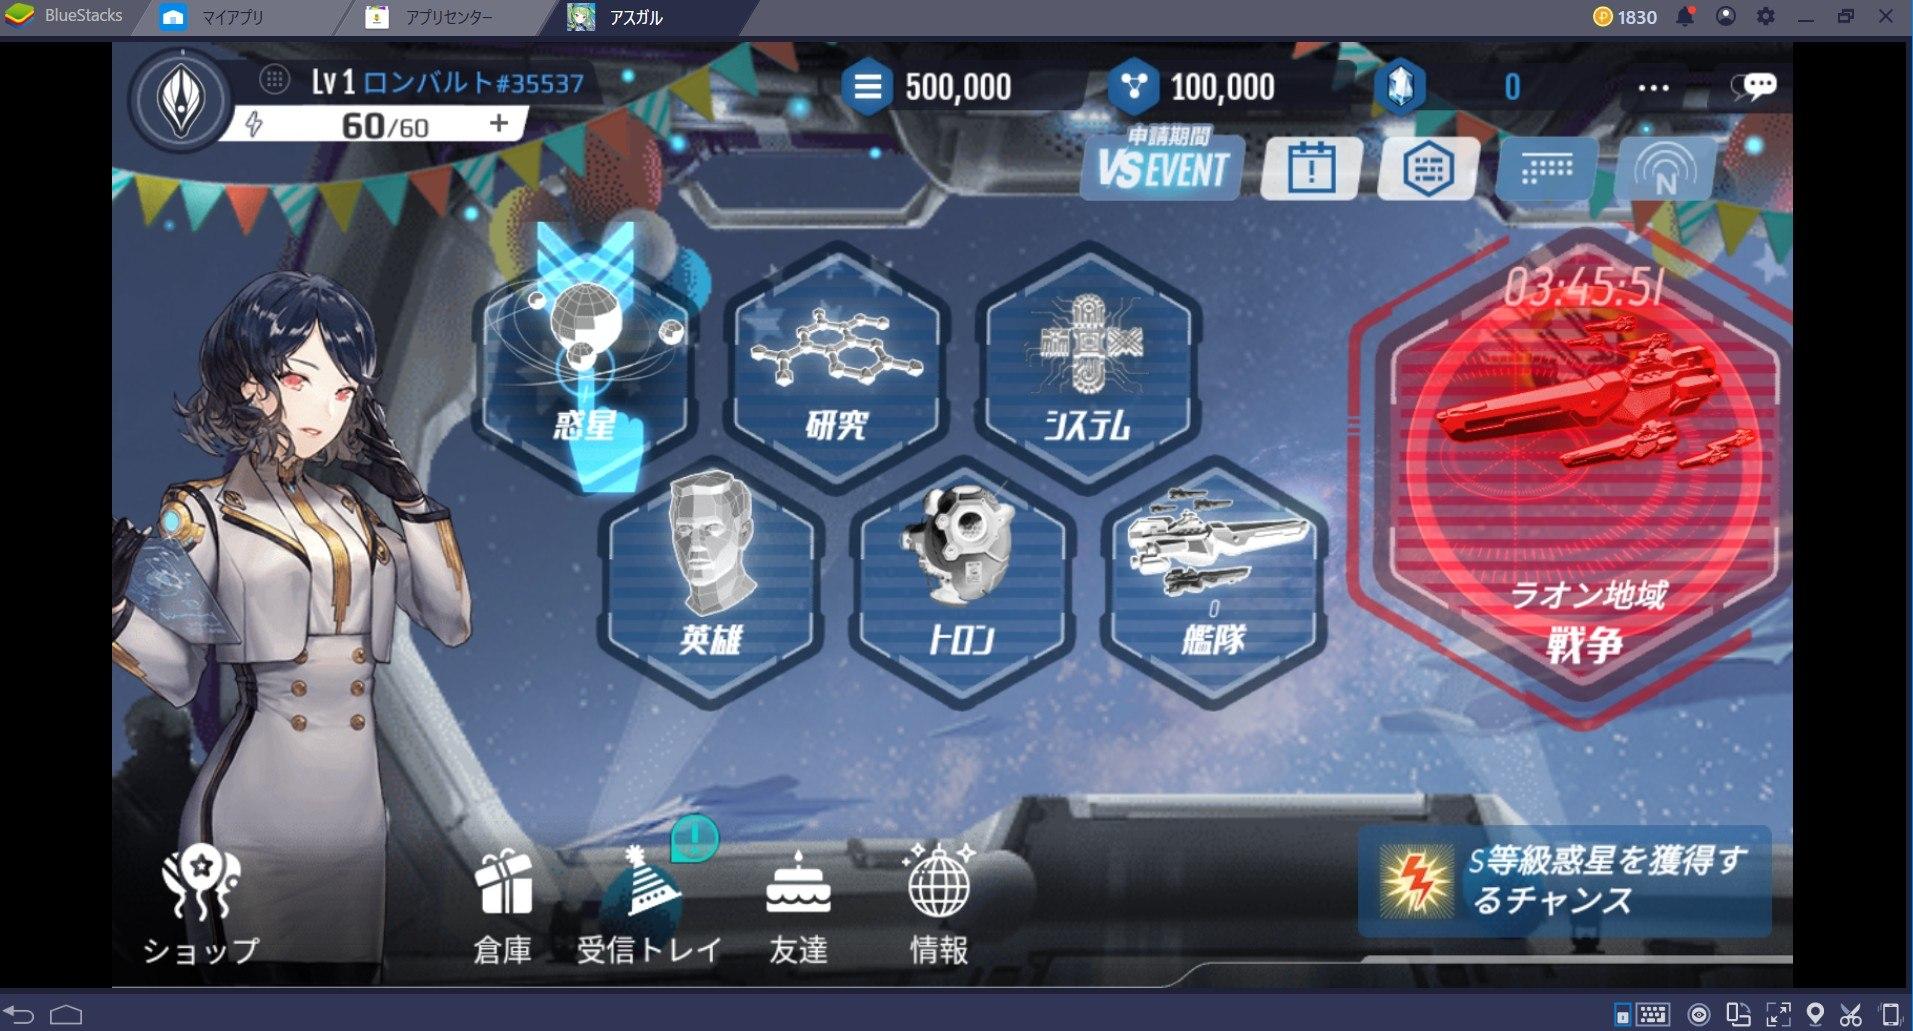 BlueStacksを使ってPCで アストロアンドガールズ を遊ぼう